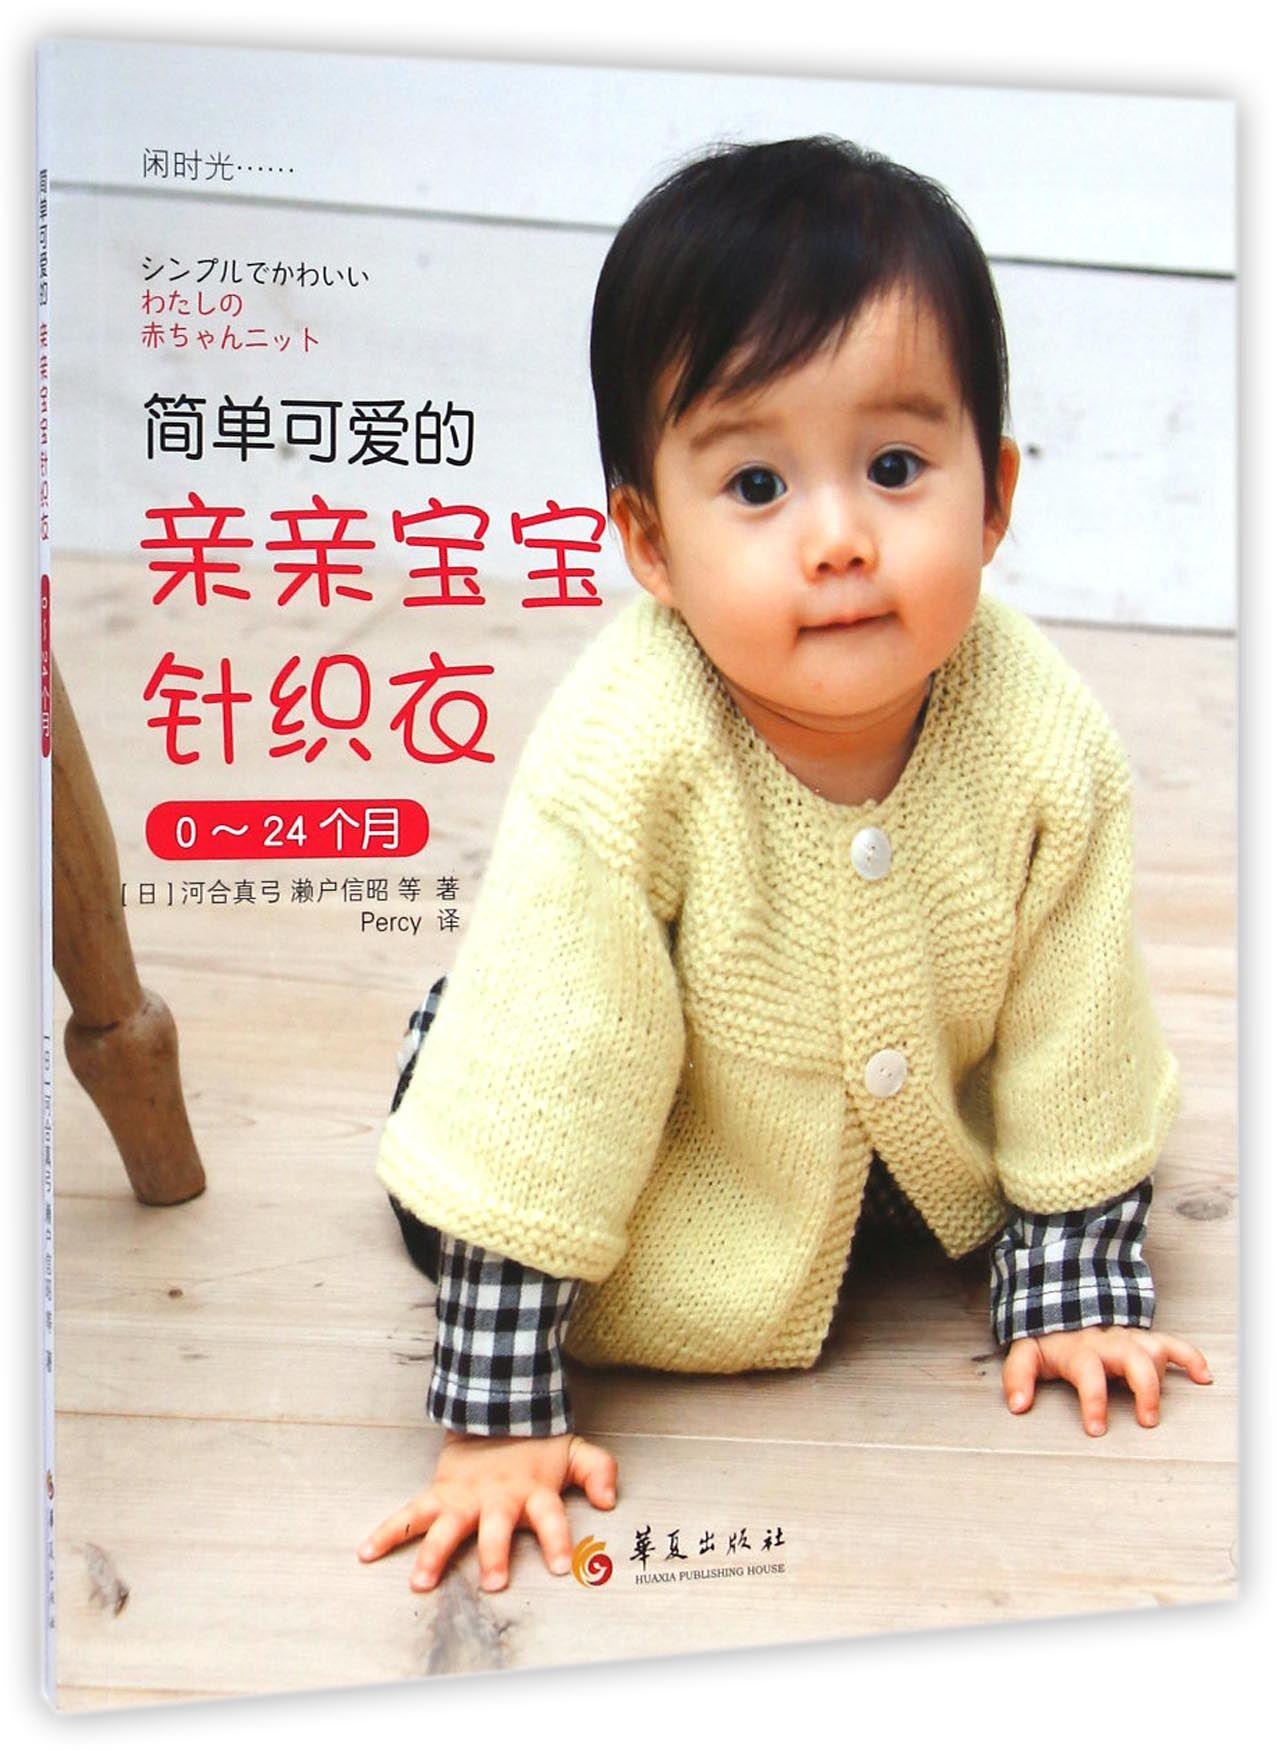 简单可爱的亲亲宝宝针织衣(0-24个月)